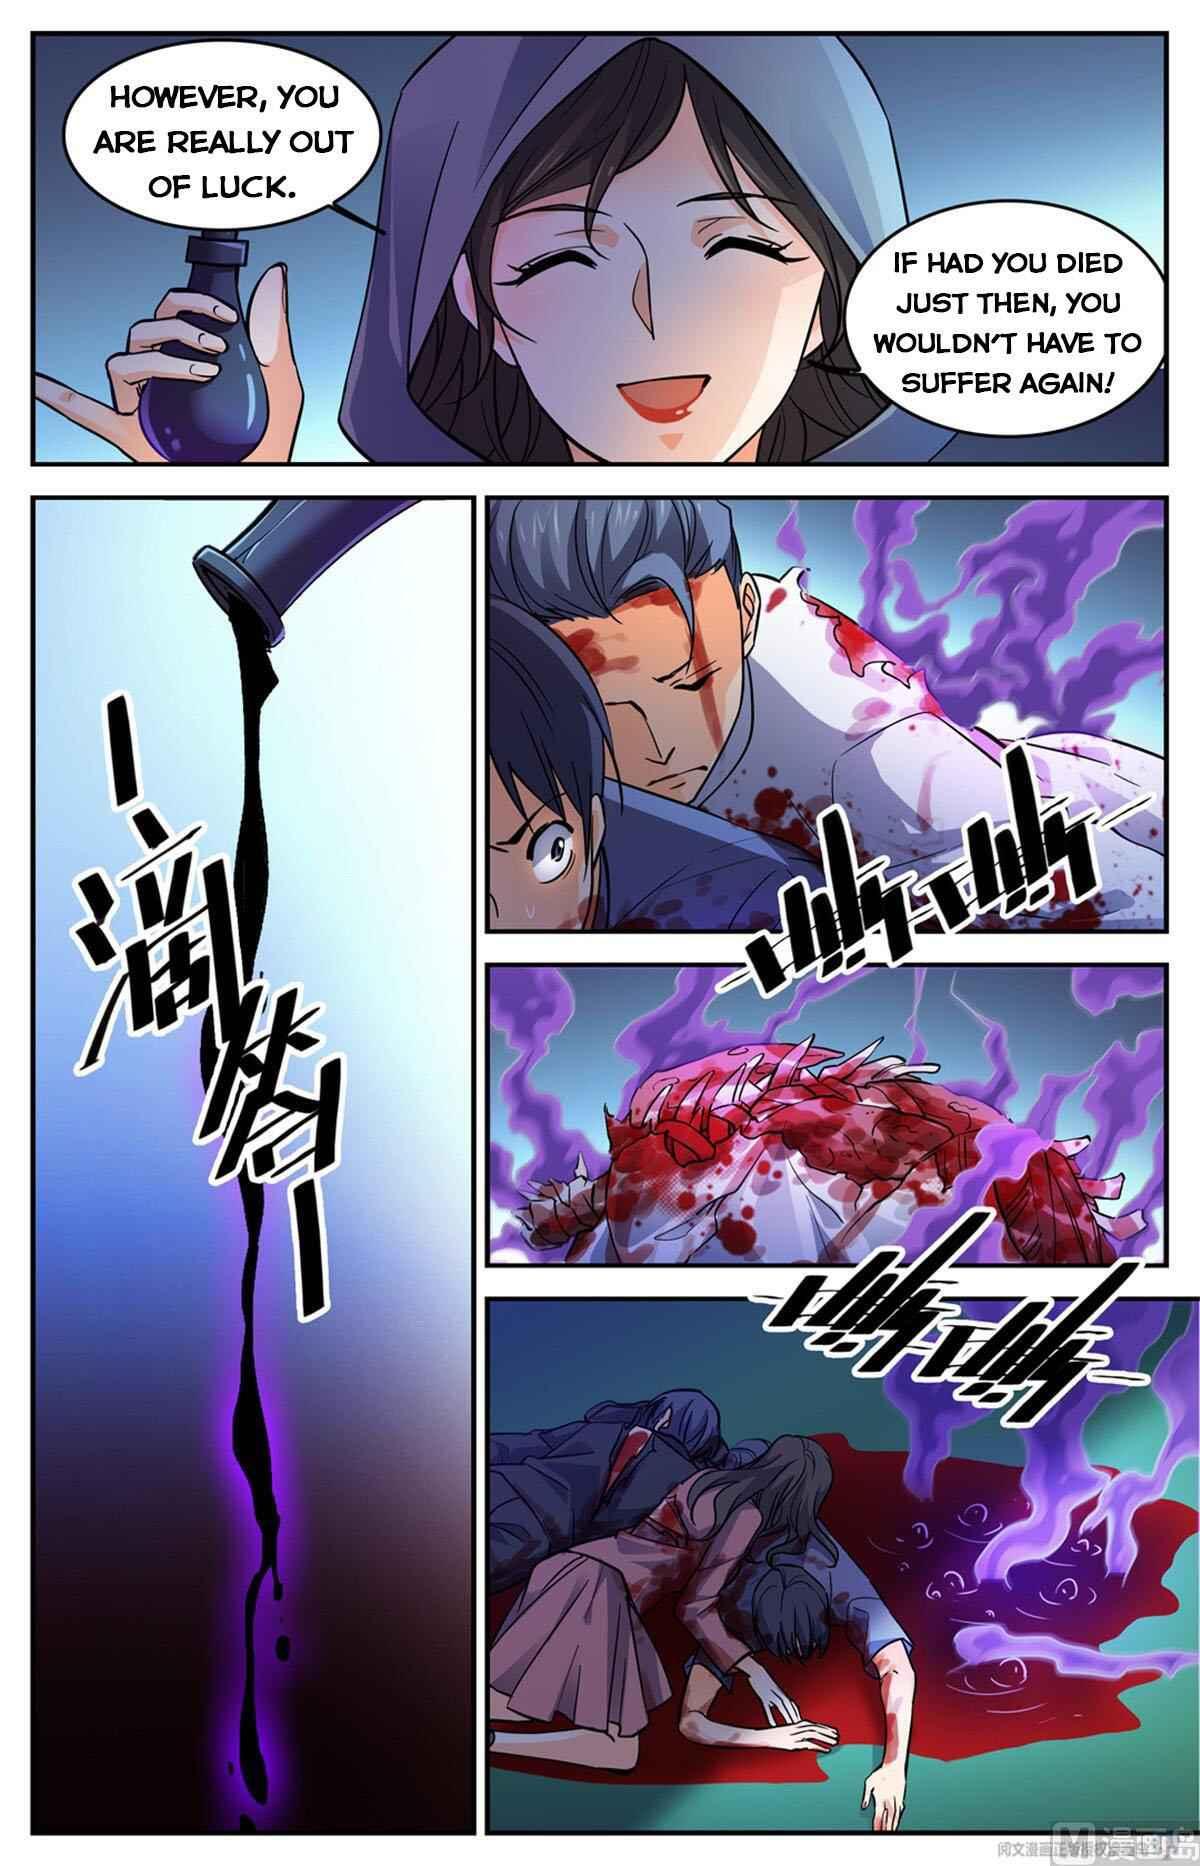 Versatile Mage - chapter 559-eng-li